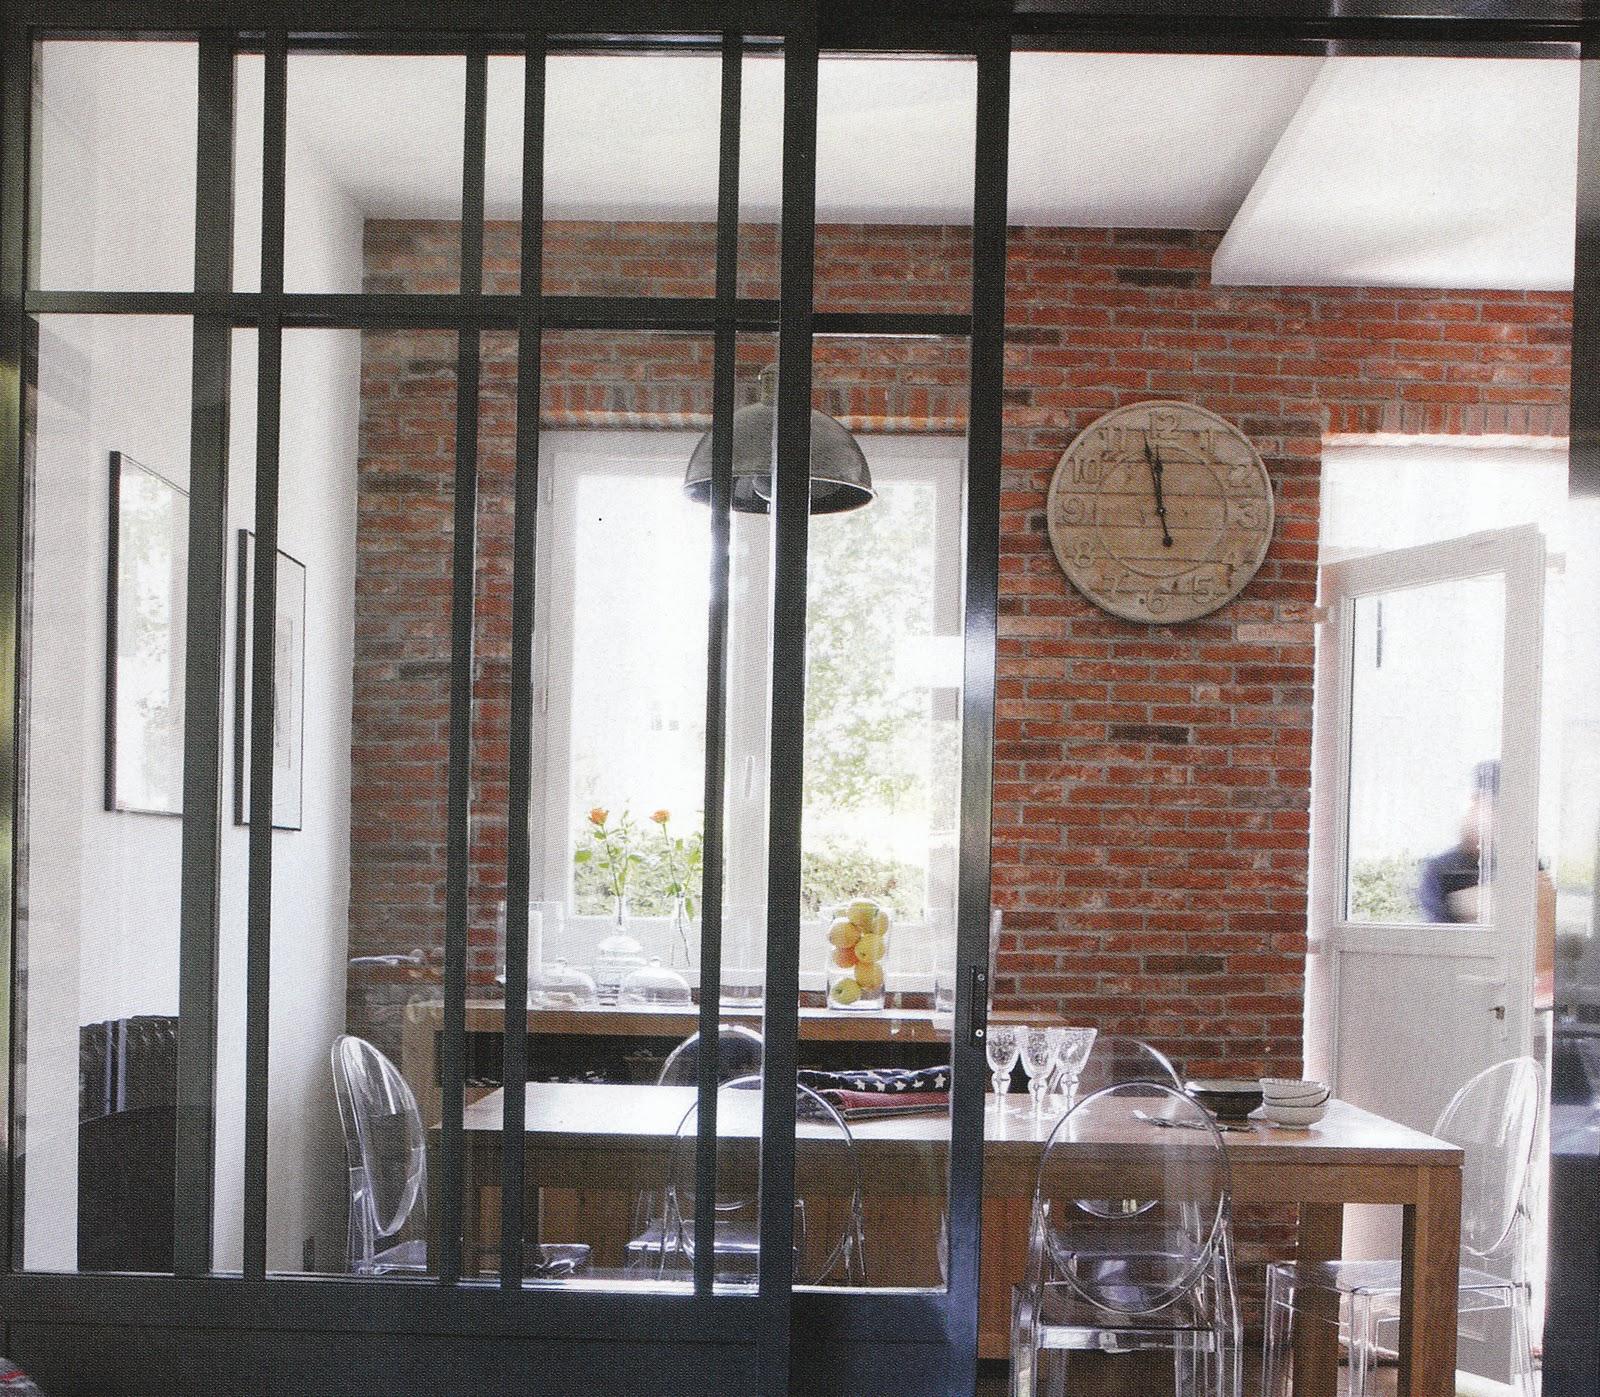 isabelle h d coration et home staging maison style industriel inspiration. Black Bedroom Furniture Sets. Home Design Ideas